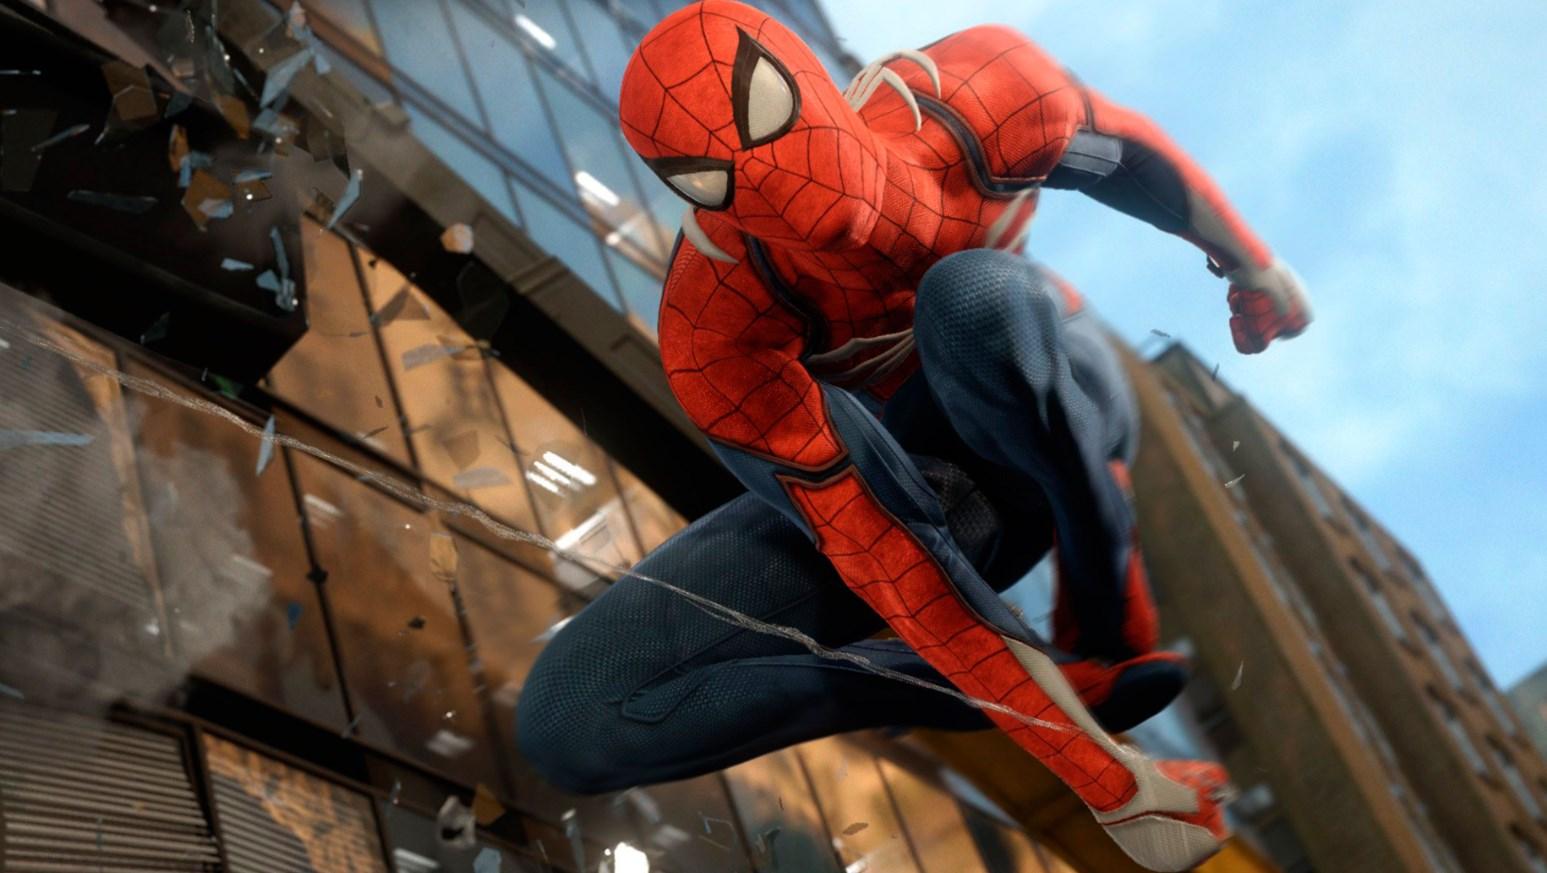 Novedades de la semana del 3 de septiembre: Spiderman se lleva toda la atención, pero también está Dragon Quest XI y una expansión de Destiny 2